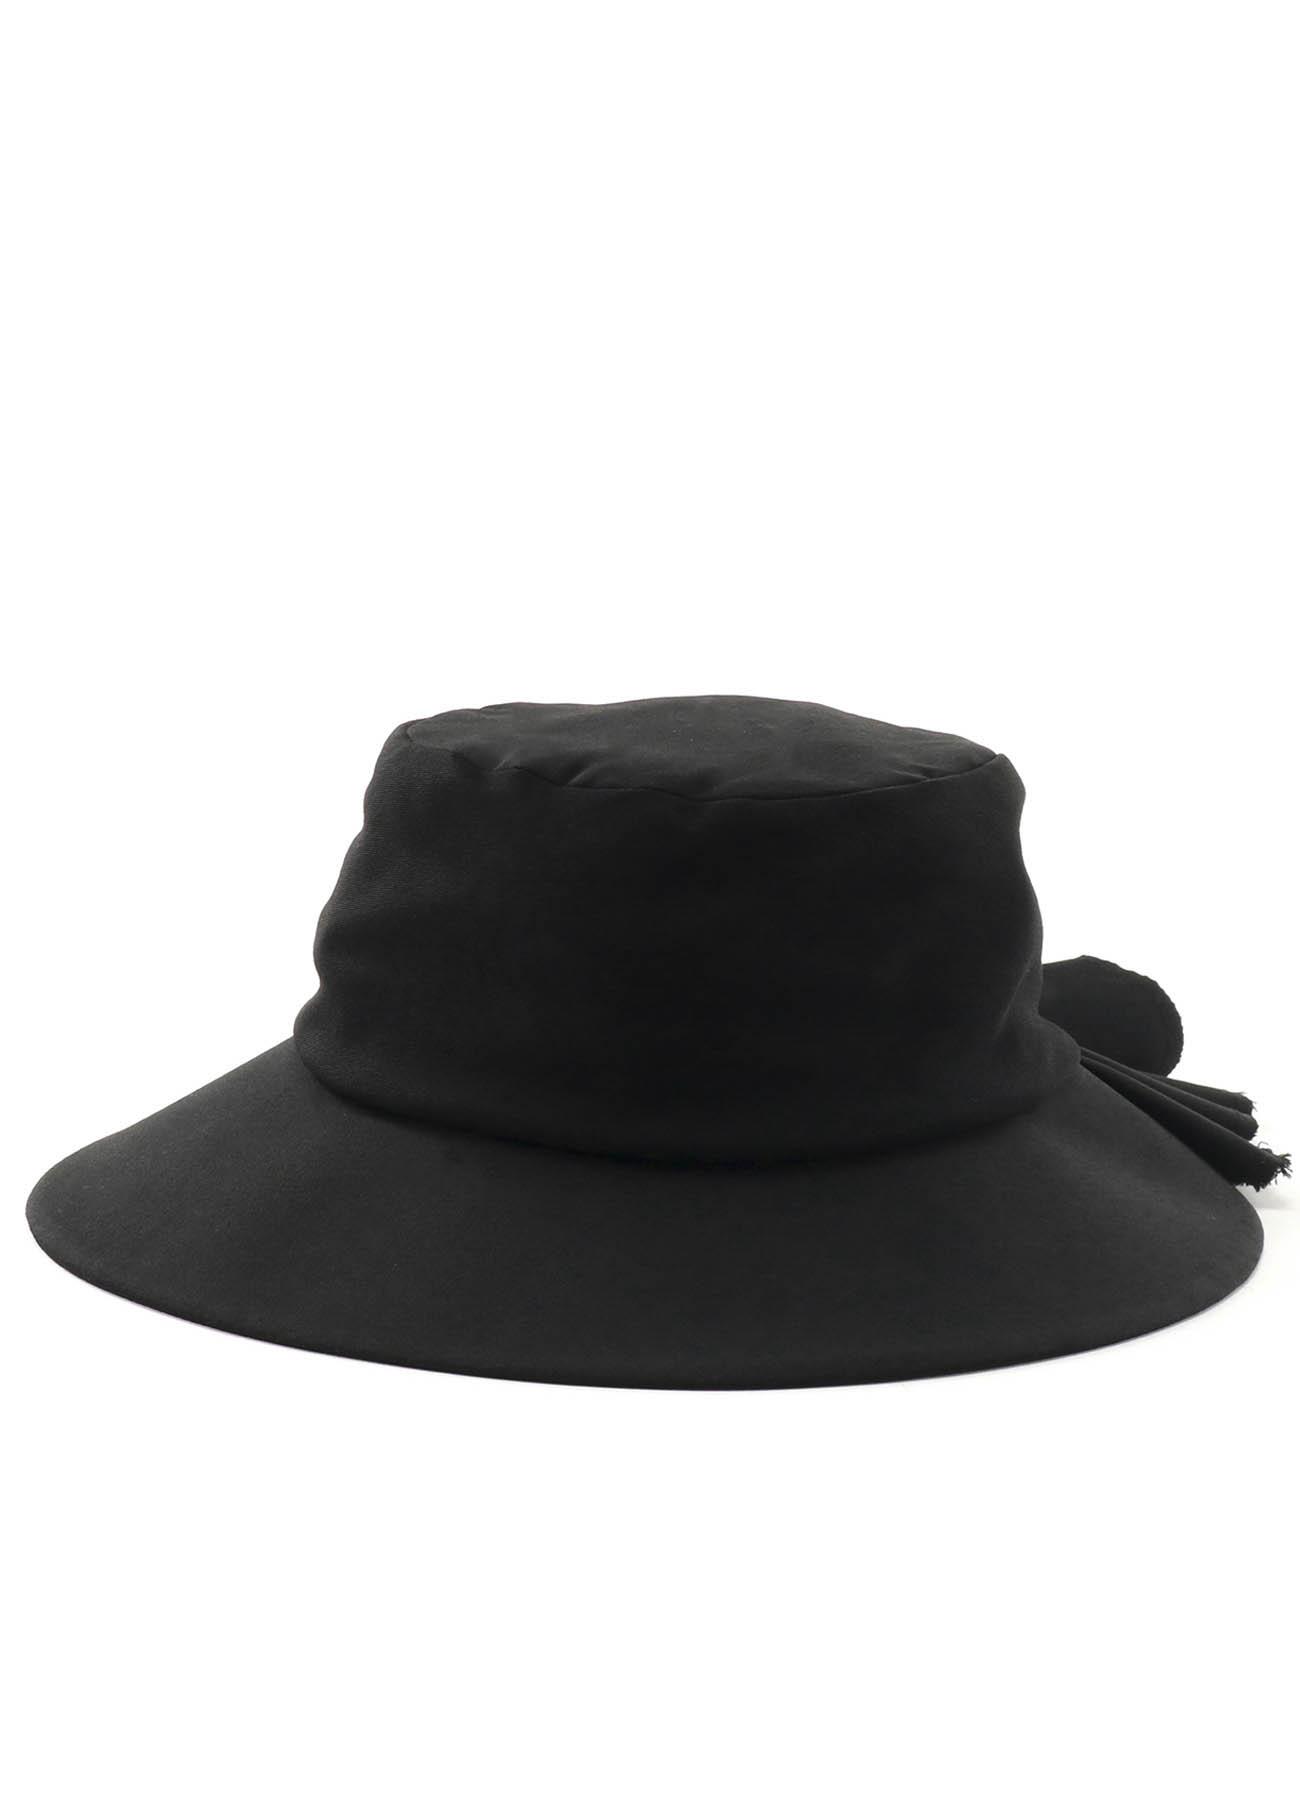 轧别丁褶边帽